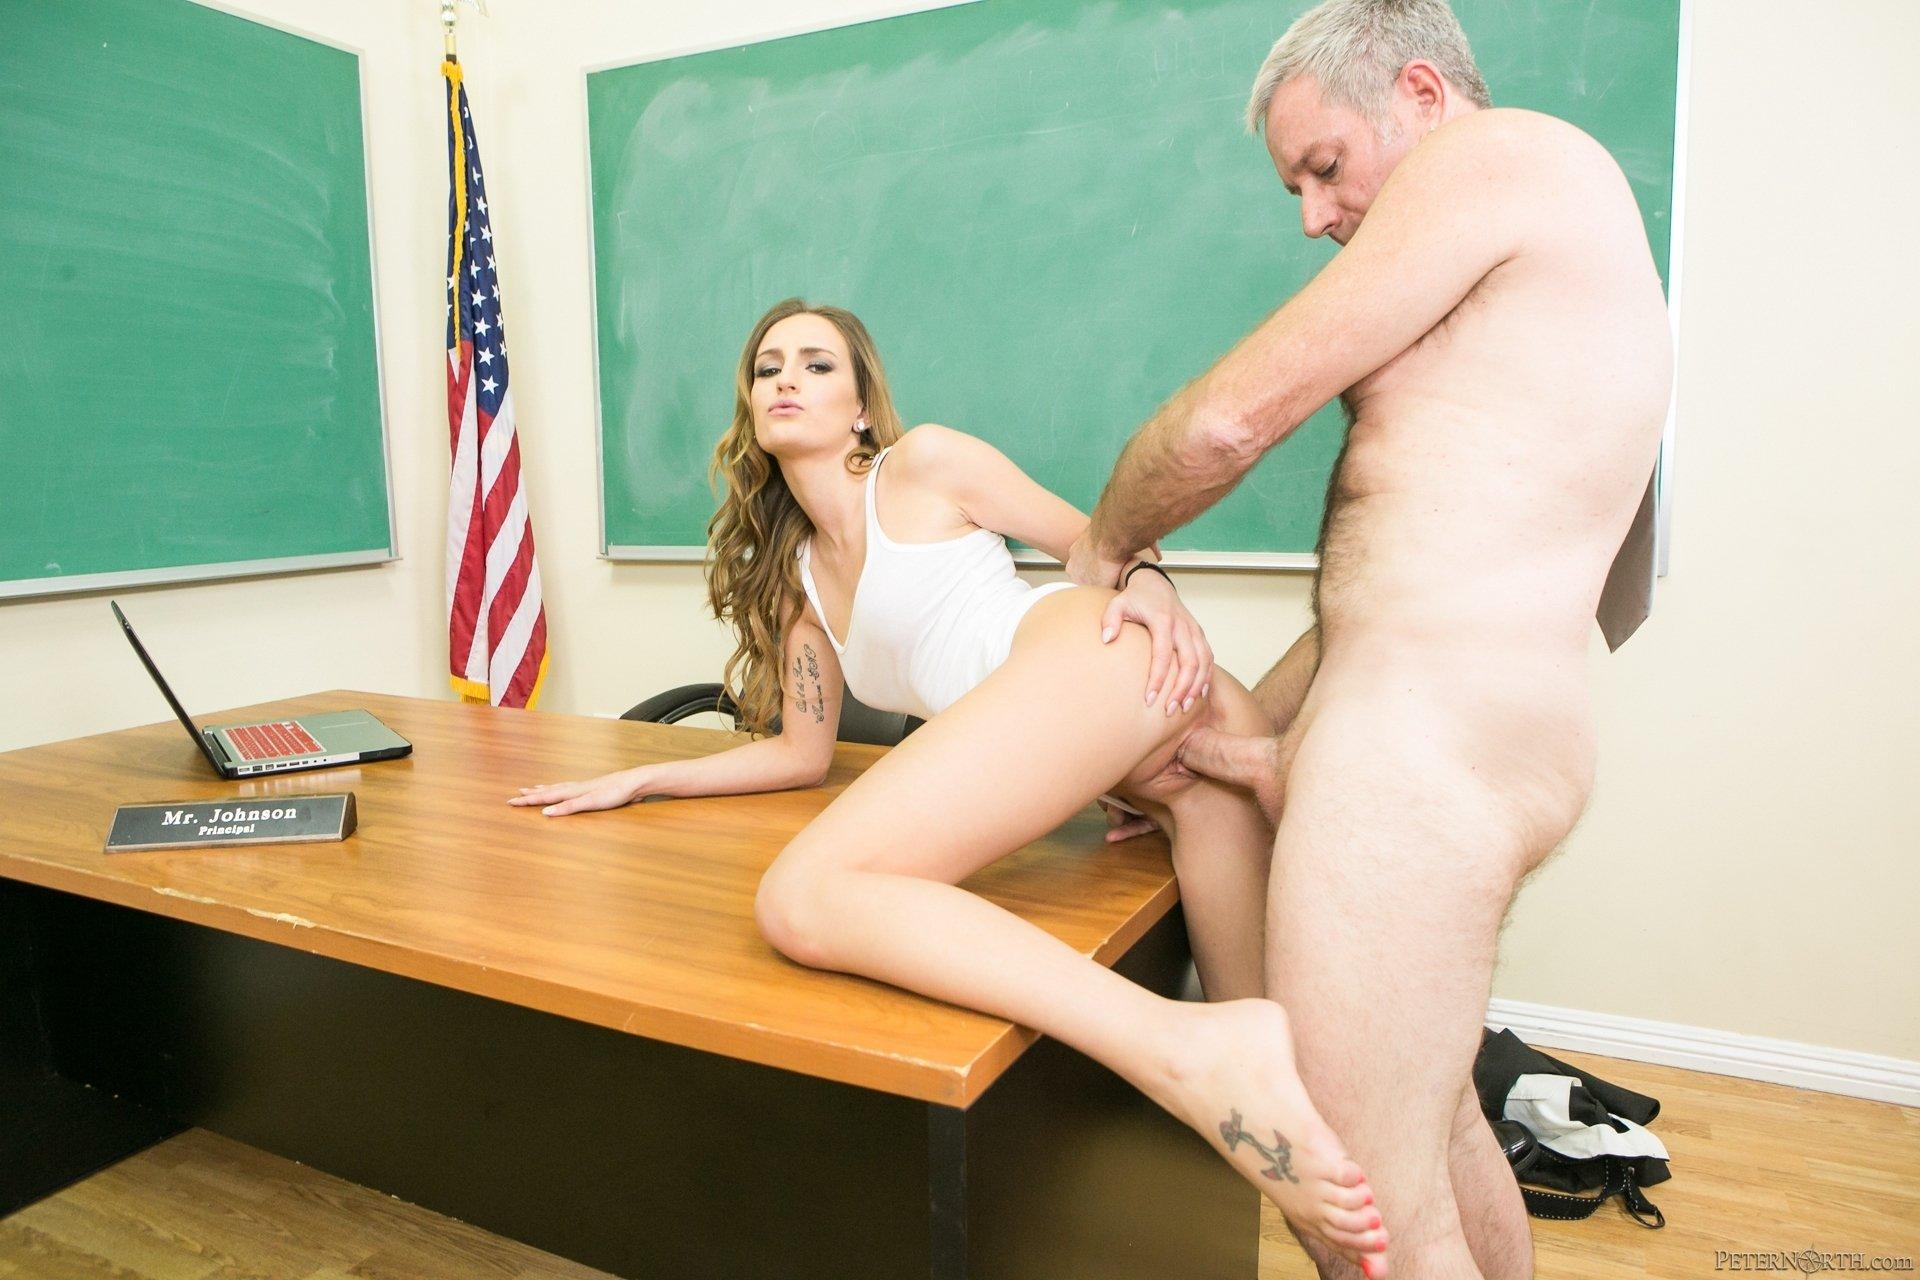 Русское порно hd в школе с учителе, Училка - Порно видео ролики смотреть онлайн бесплатно 22 фотография